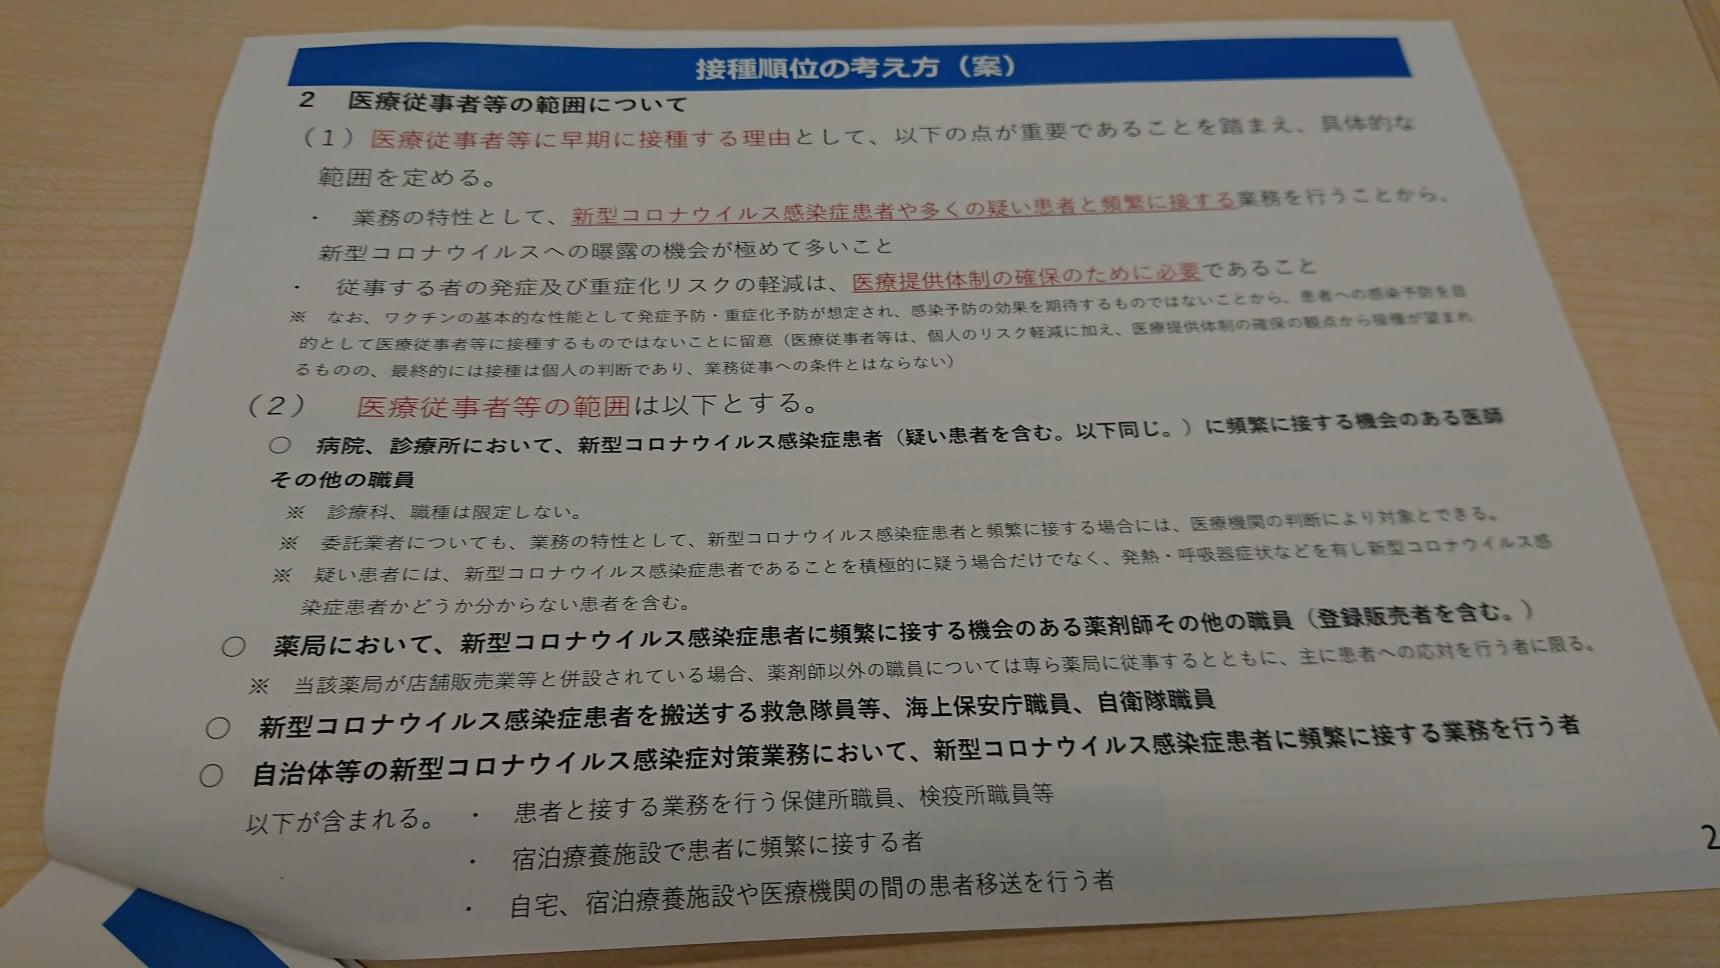 新型コロナウイルスワクチン 接種順位の考え方(案)02